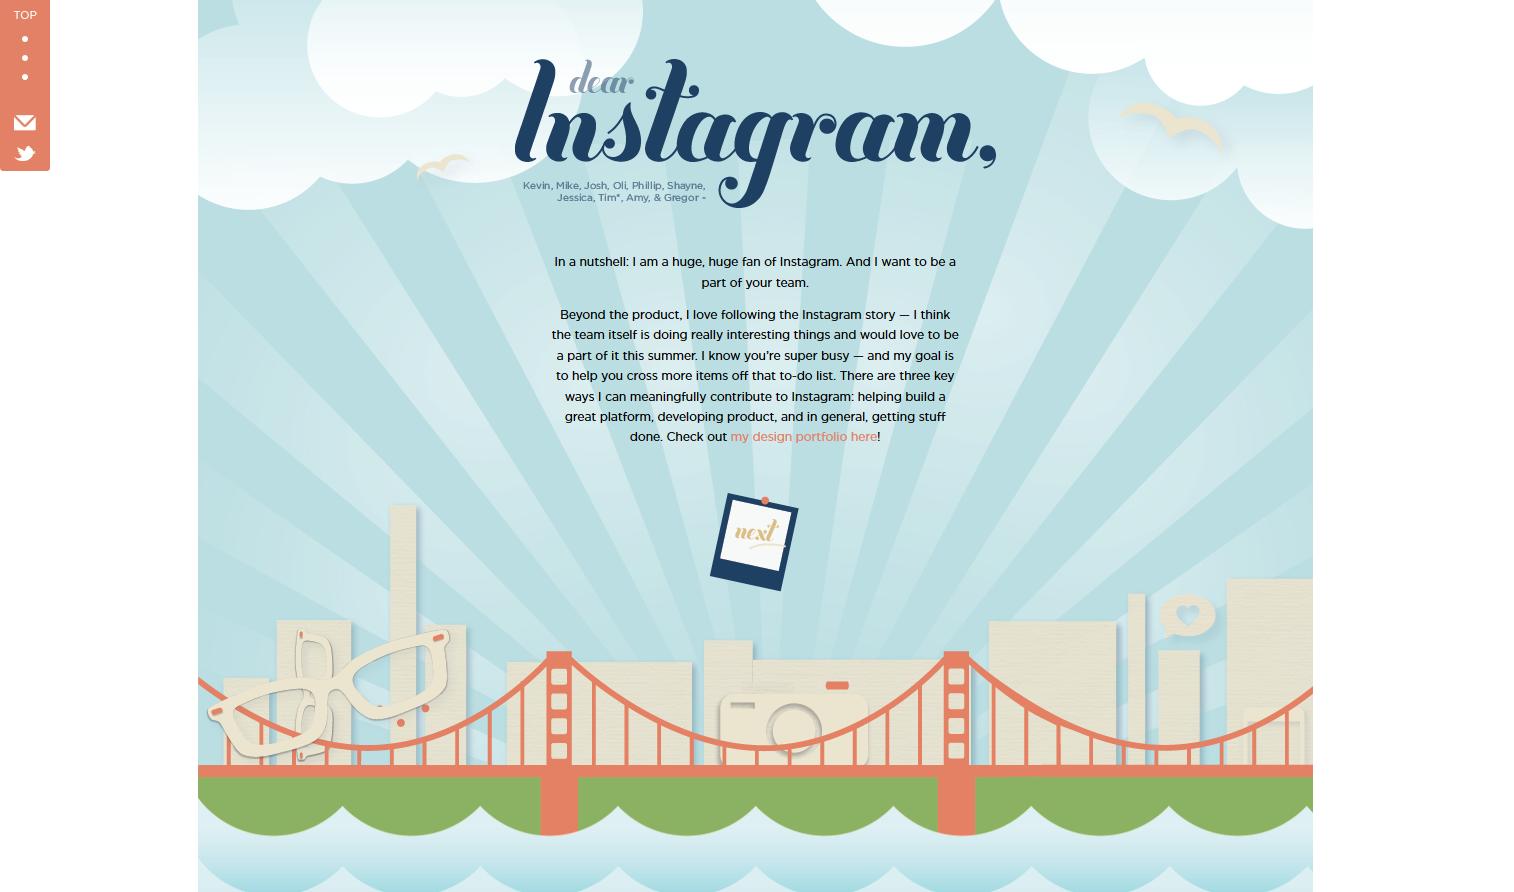 Dearinstagram Online Cover Letter  Online Cover Letter